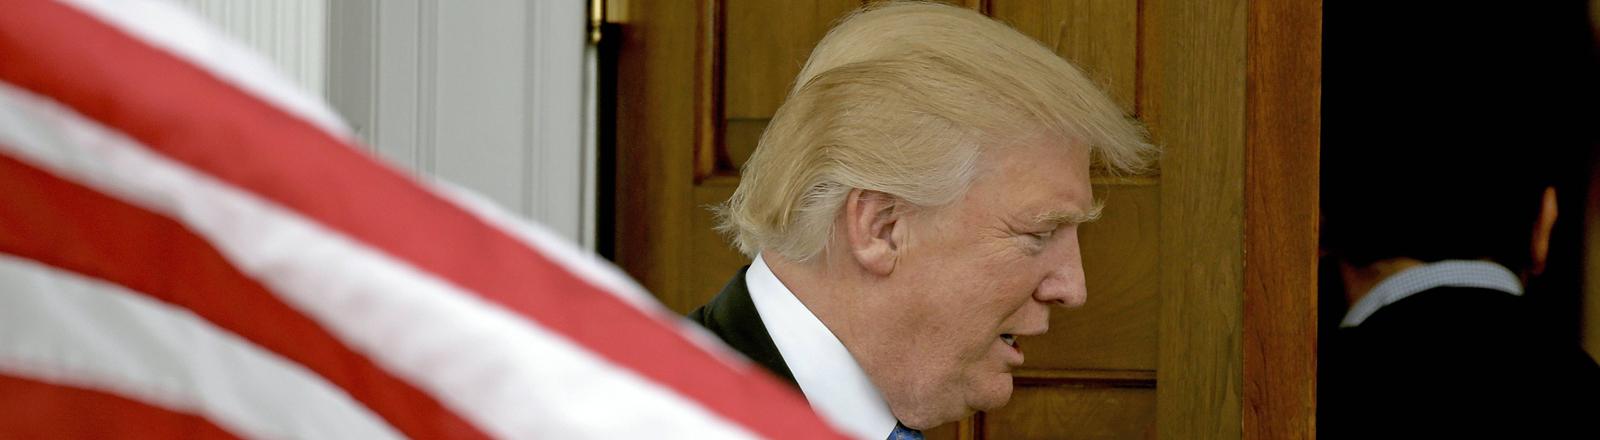 Donald Trump vor einer US-Fahne